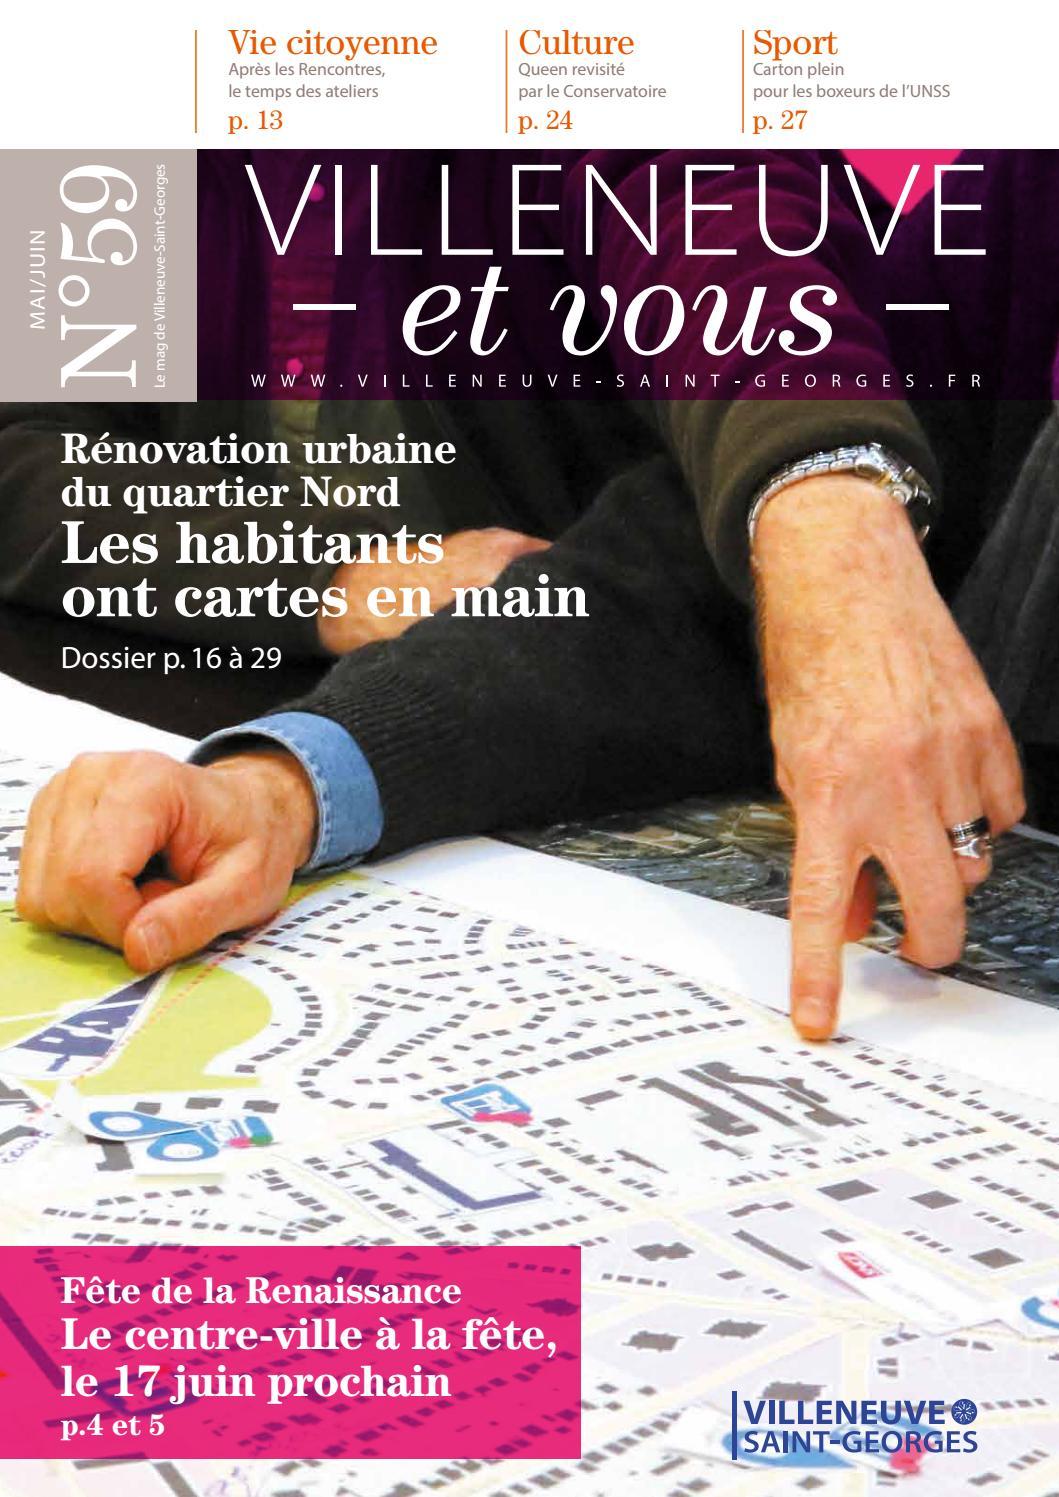 plan rencontre gay families à Villeneuve-Saint-Georges